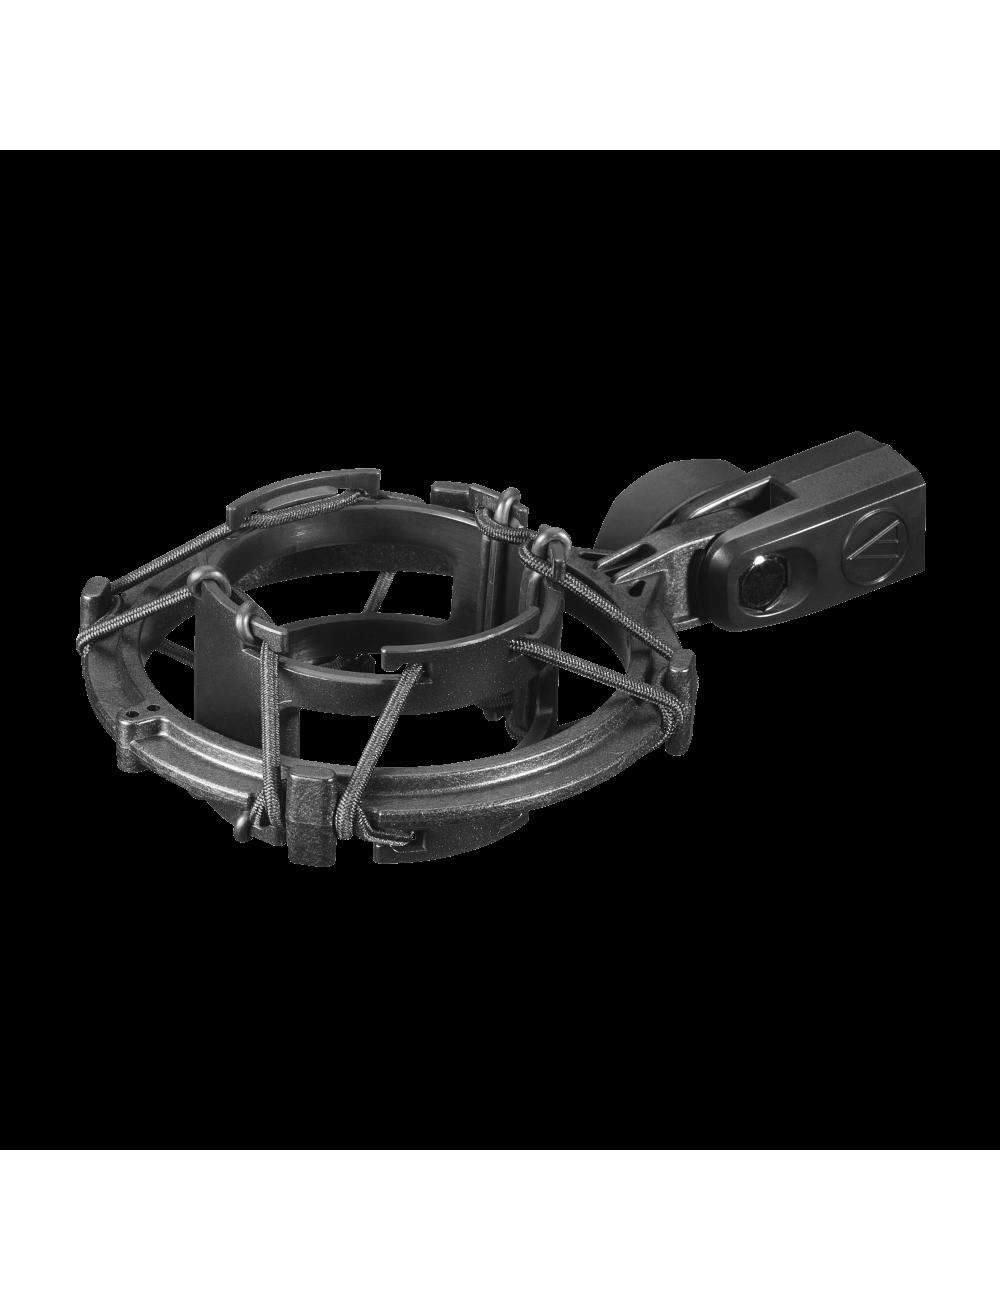 Lente Fujifilm XF 50mm F2R WR lente ideal para retratos